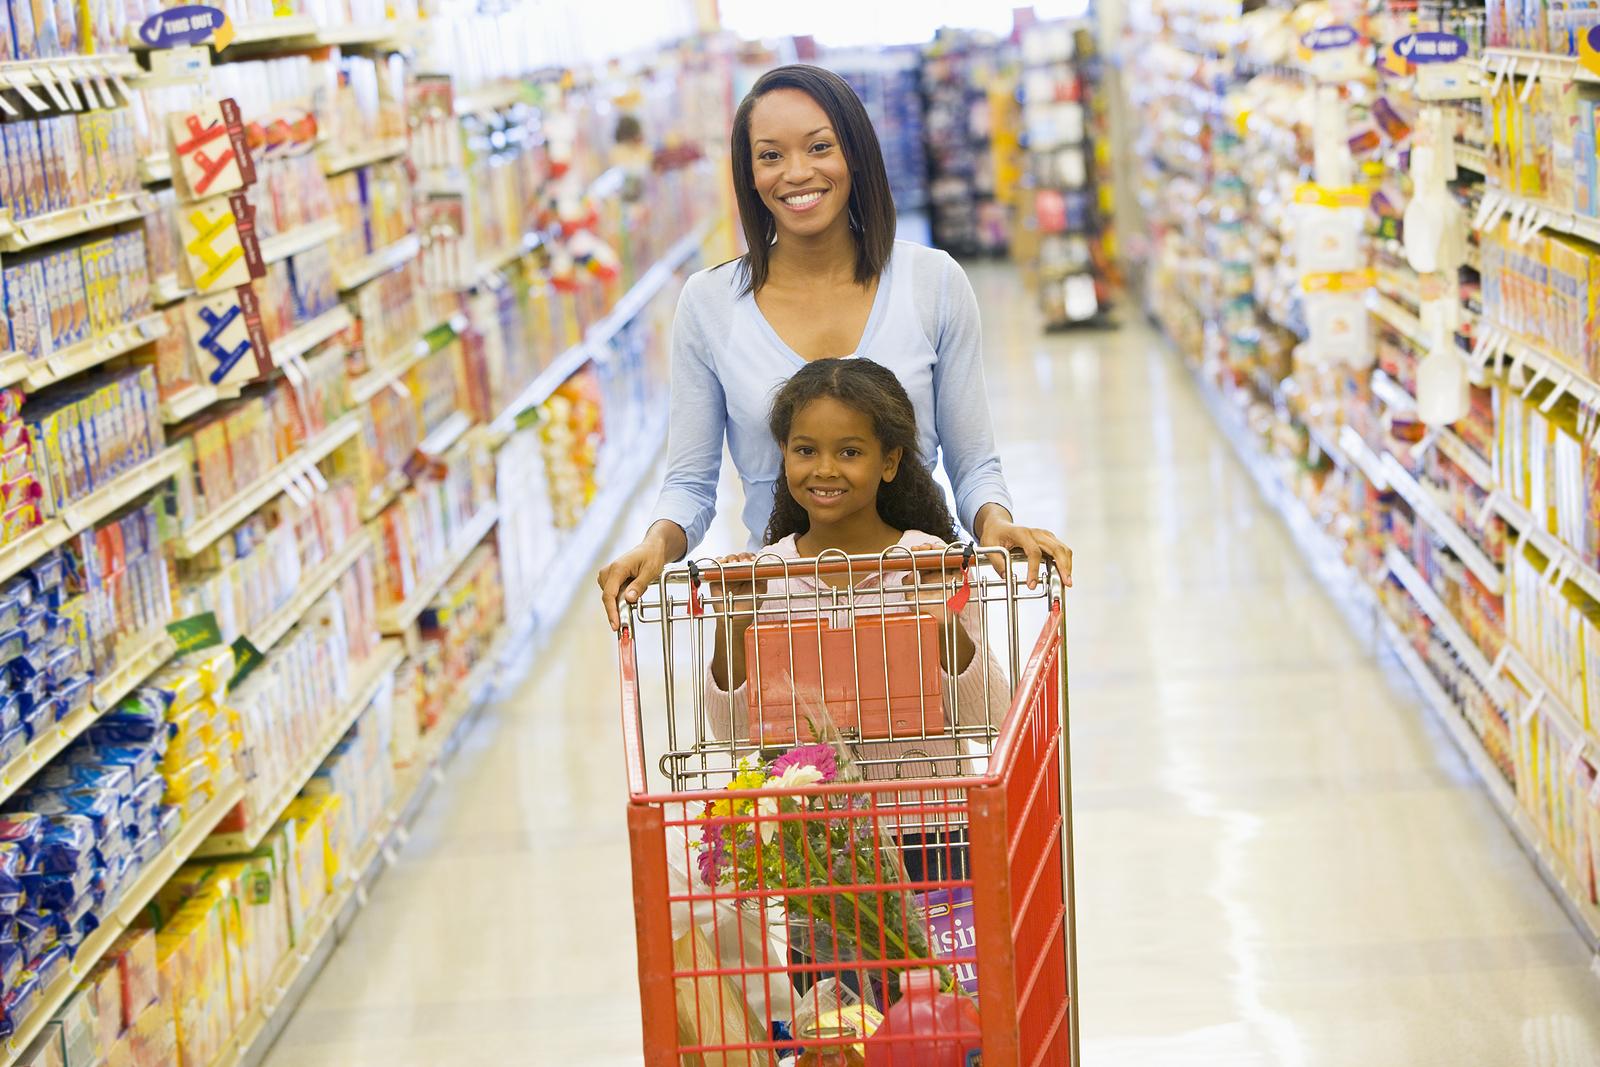 bigstock woman and child pushing trolle 3915505 10 TIPS untuk Anak yang Memilih Makan atau Picky Eaters. MealShake Shaklee sebagai Alternatif.